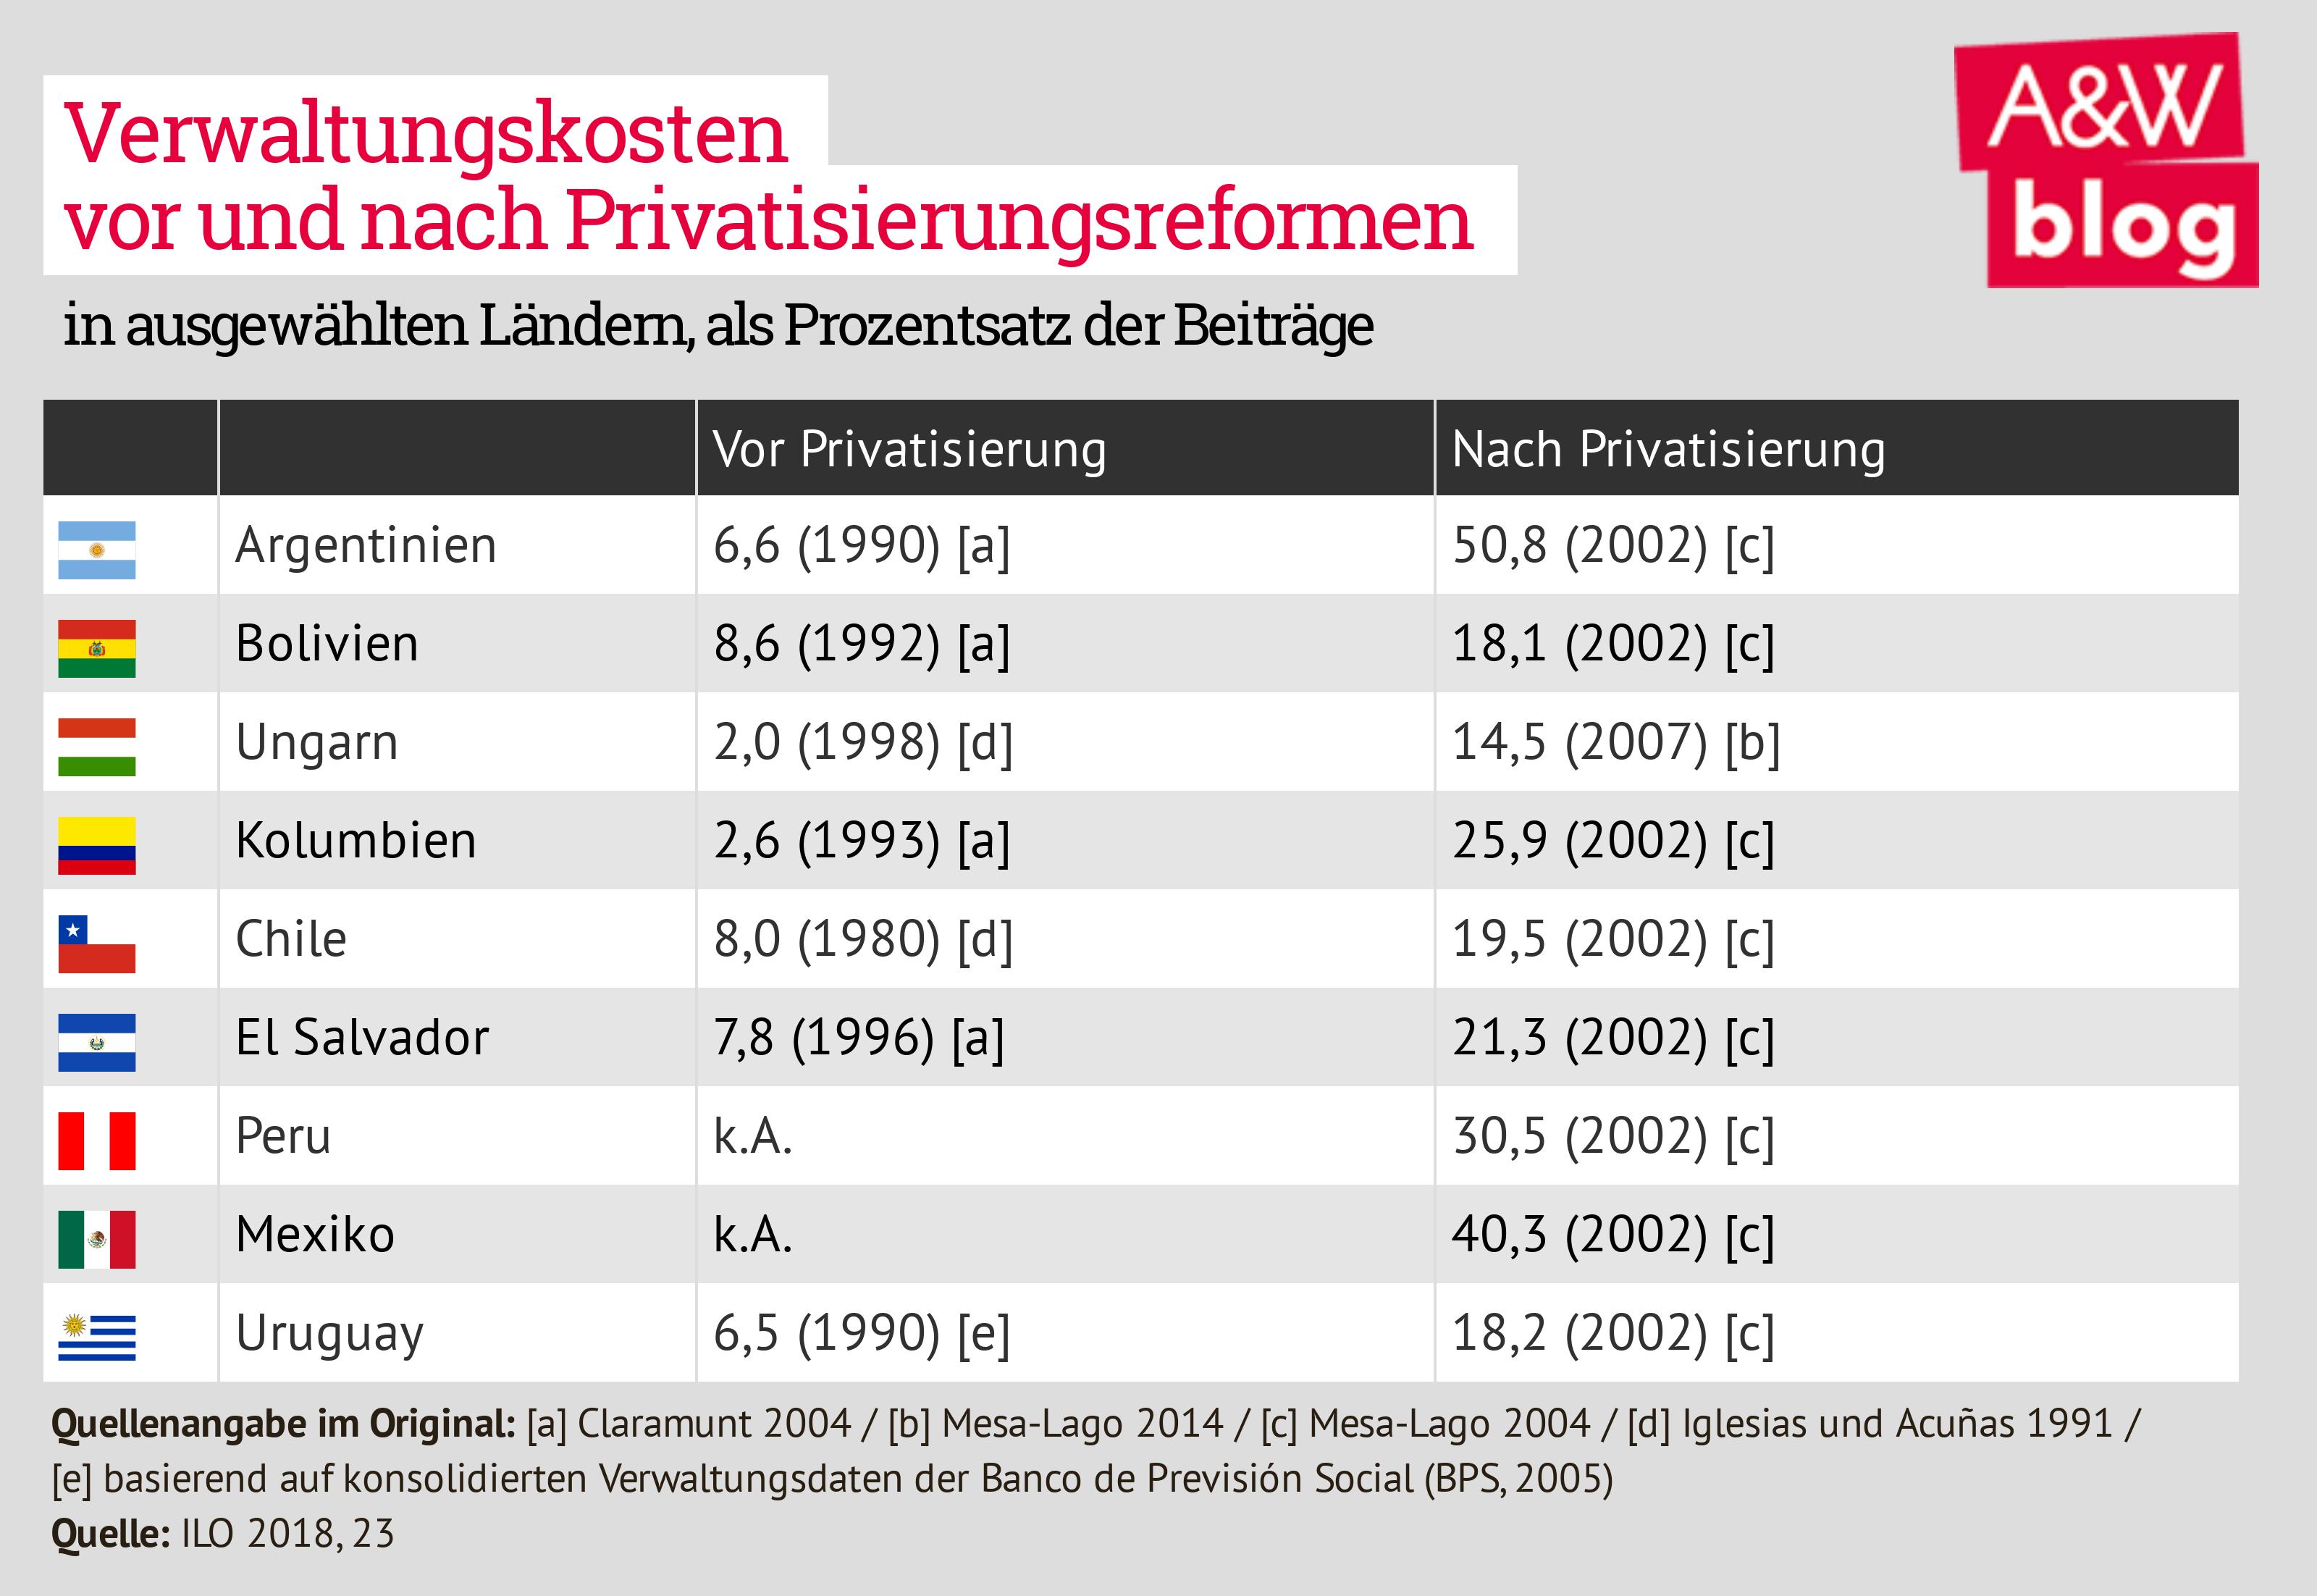 Verwaltungskosten vor und nach Pensionsprivatisierung